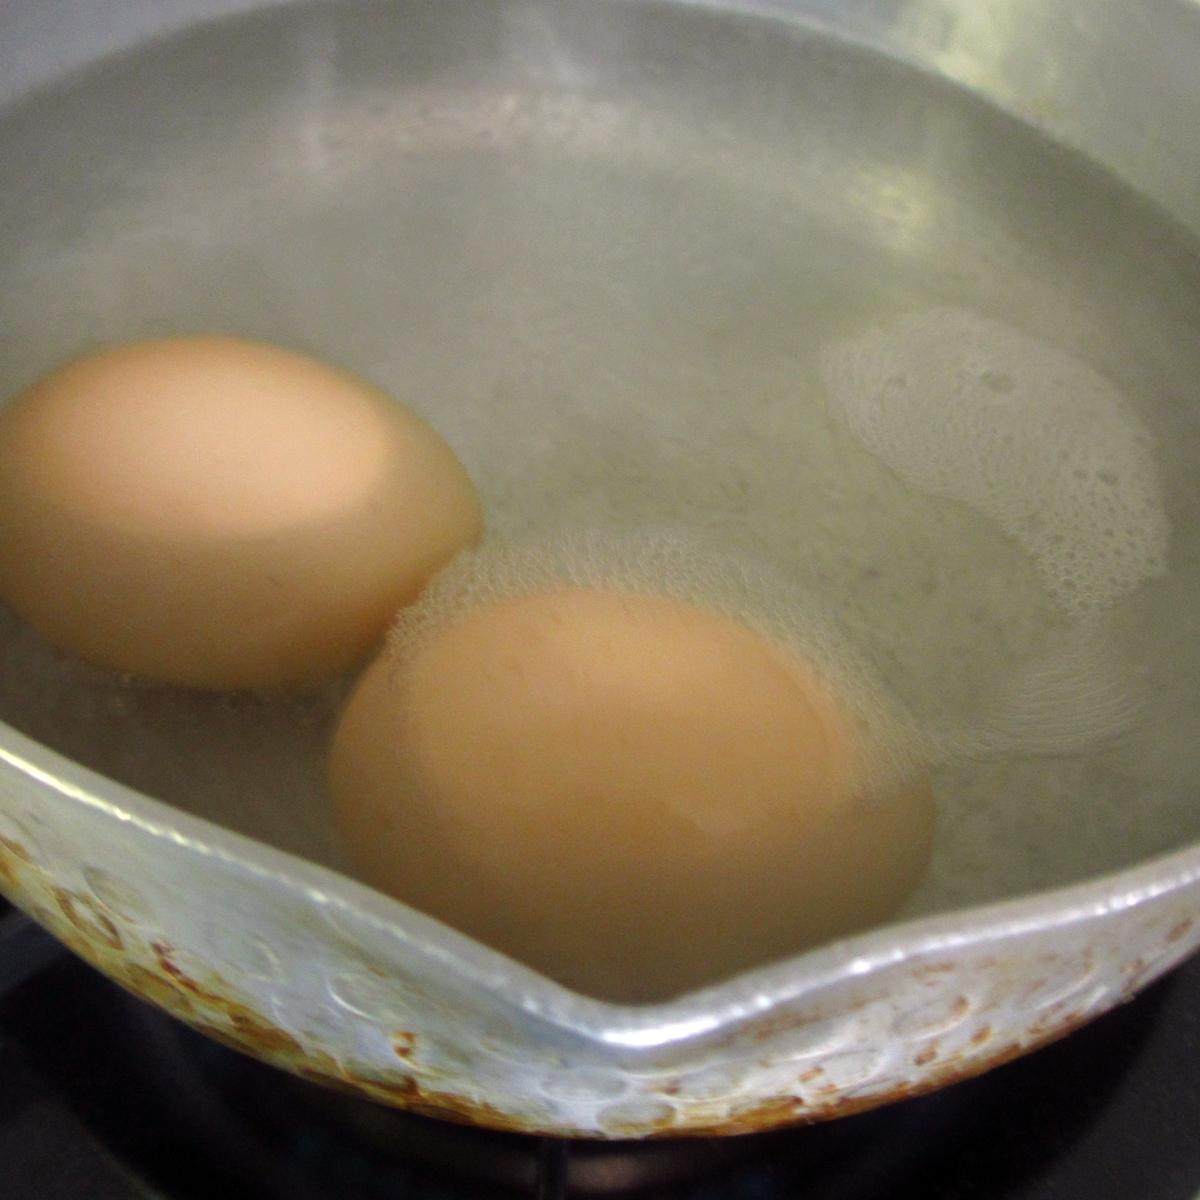 ゆで卵調理中20150704 (12)